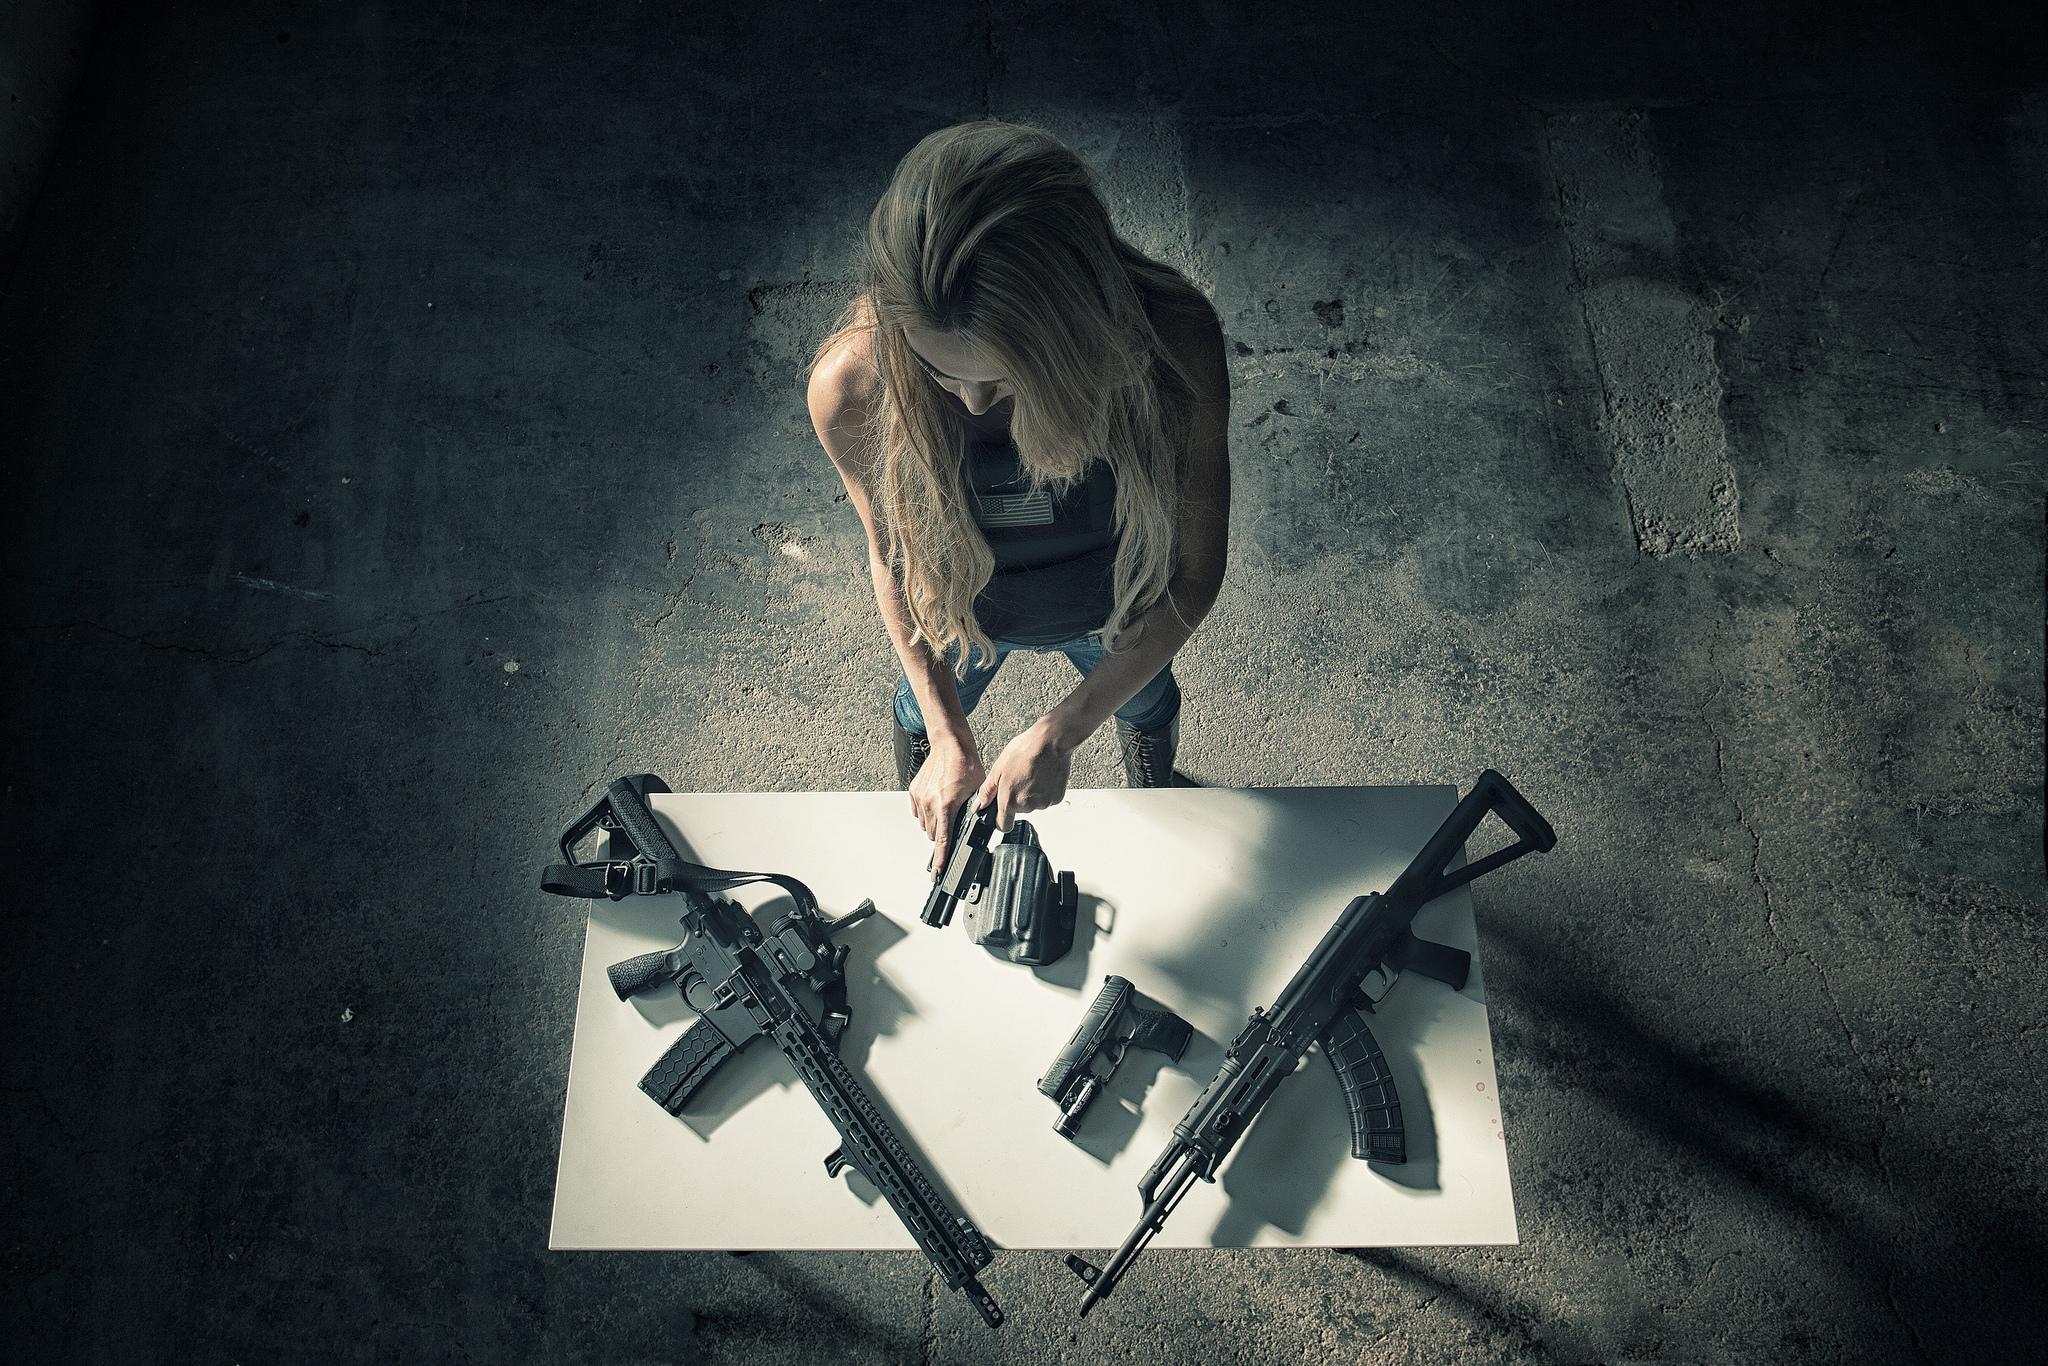 Обои для рабочего стола 1366 768 девушки с оружием